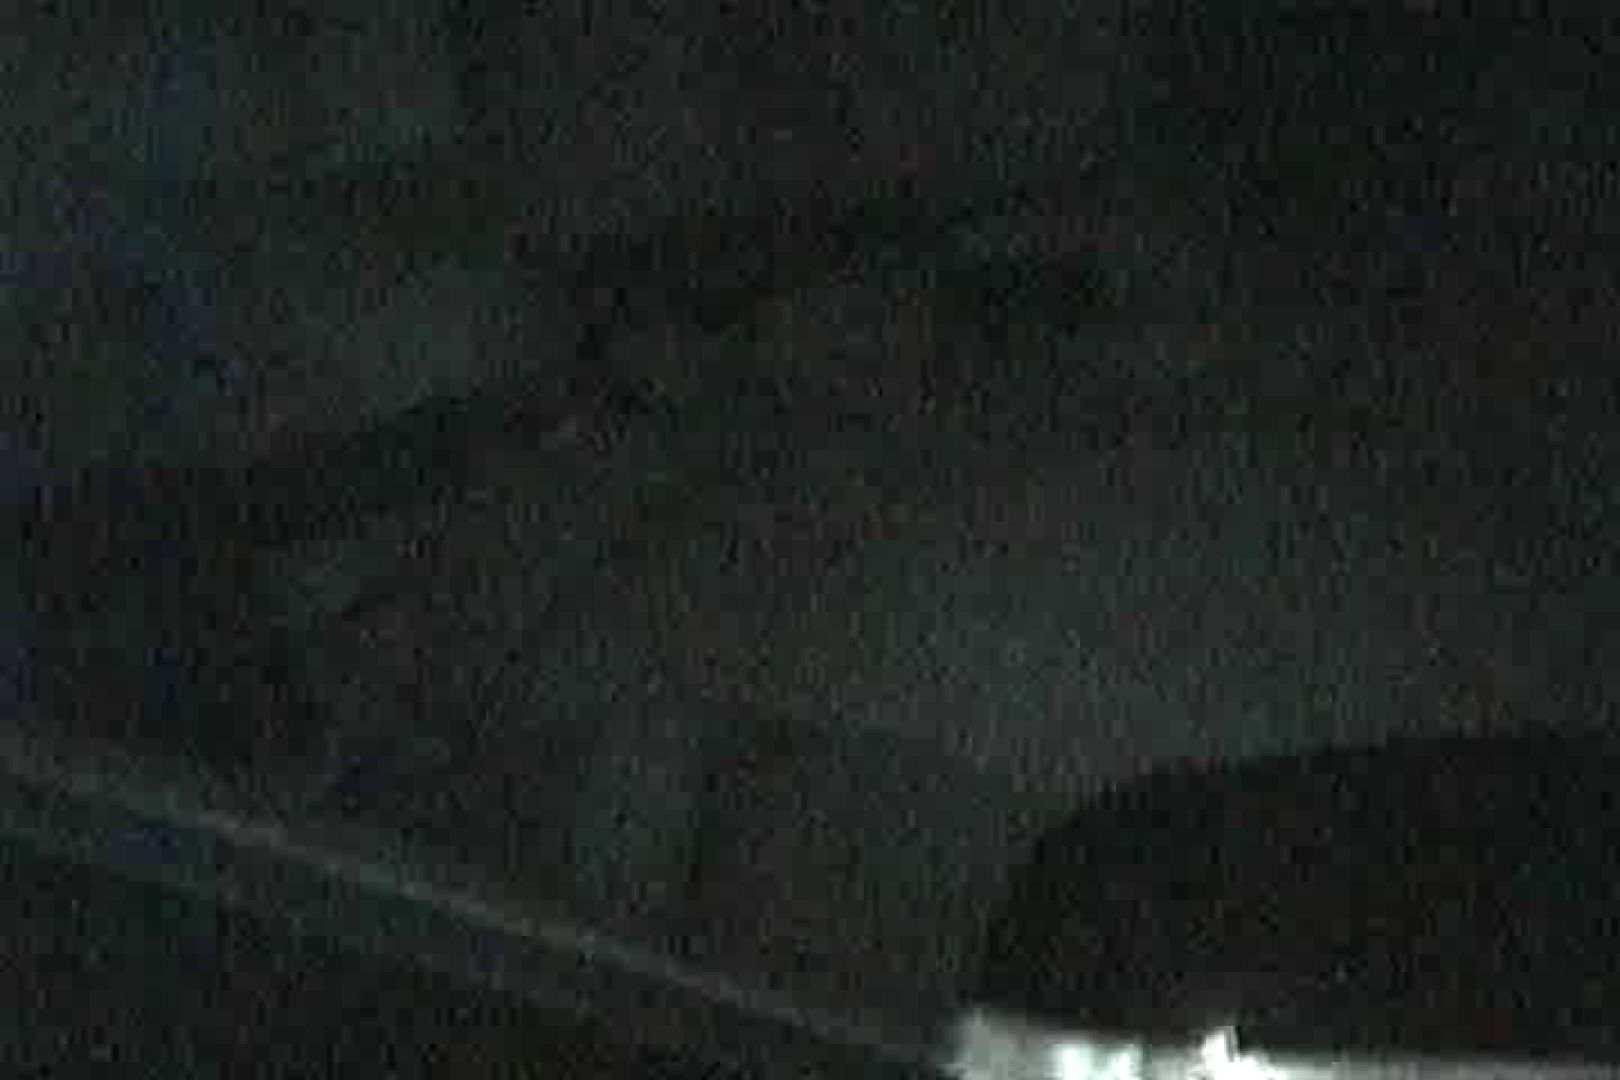 充血監督の深夜の運動会Vol.105 ラブホテル のぞき濡れ場動画紹介 65画像 23